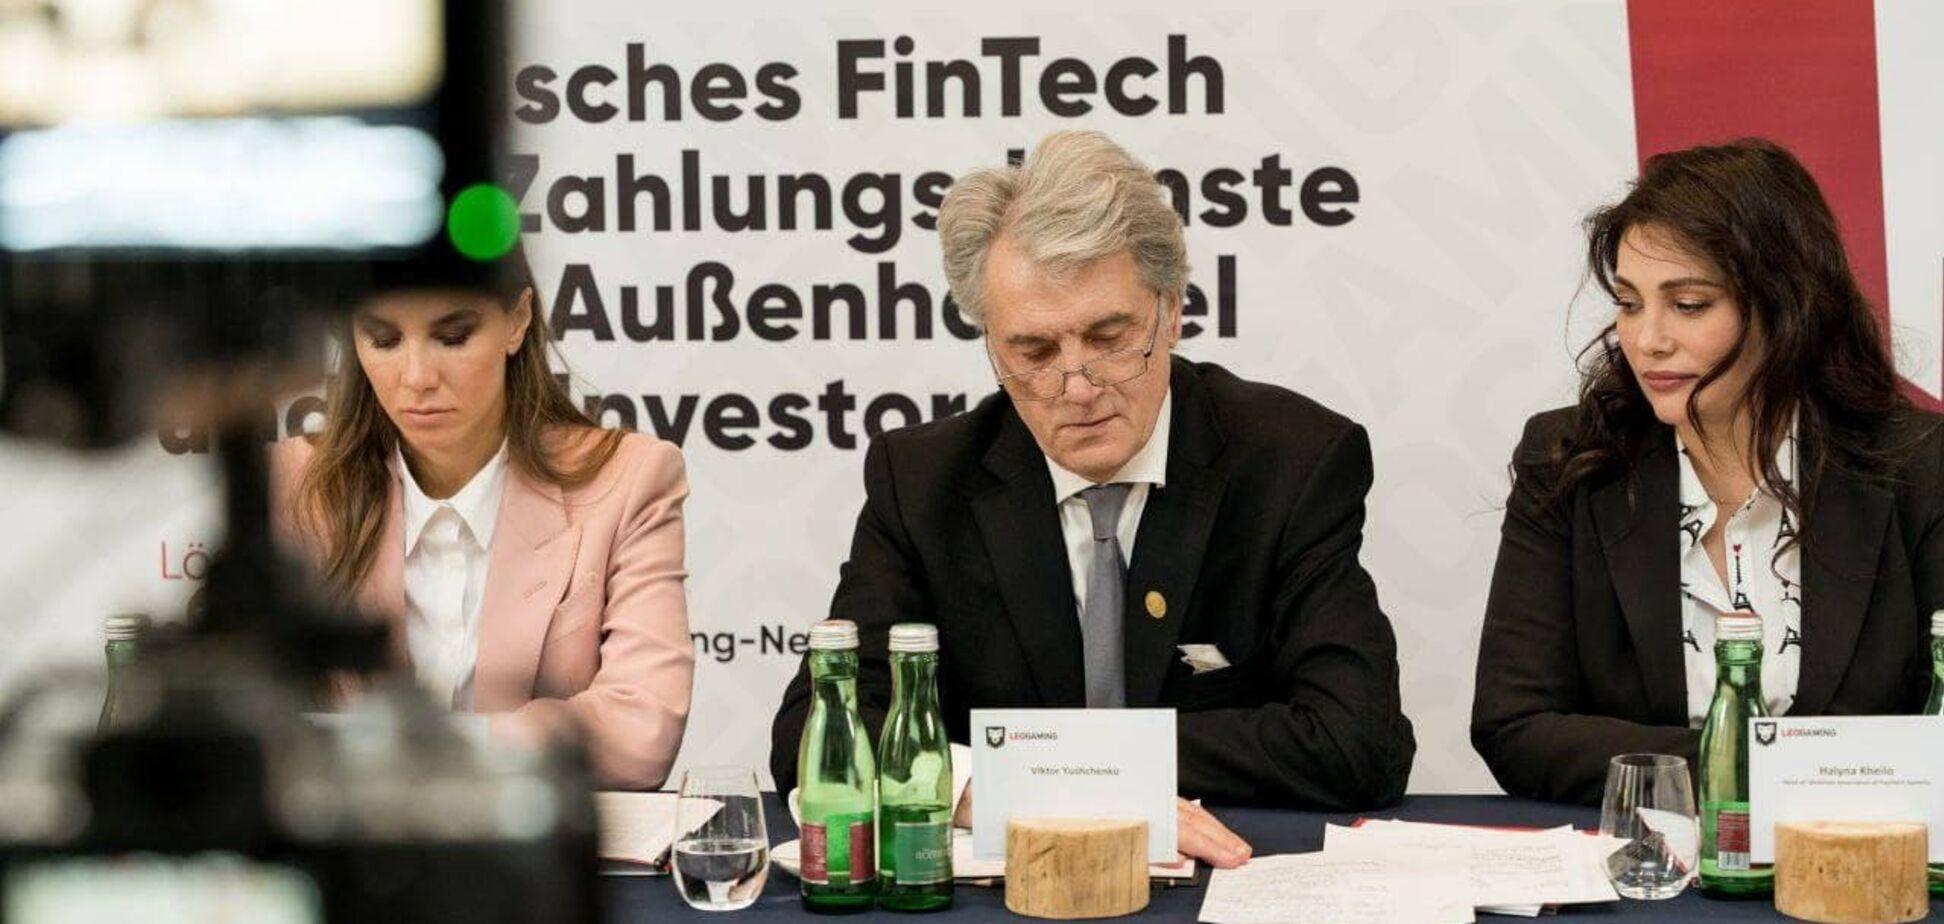 Fintech-галузь стає драйвером української економіки, – Ющенко